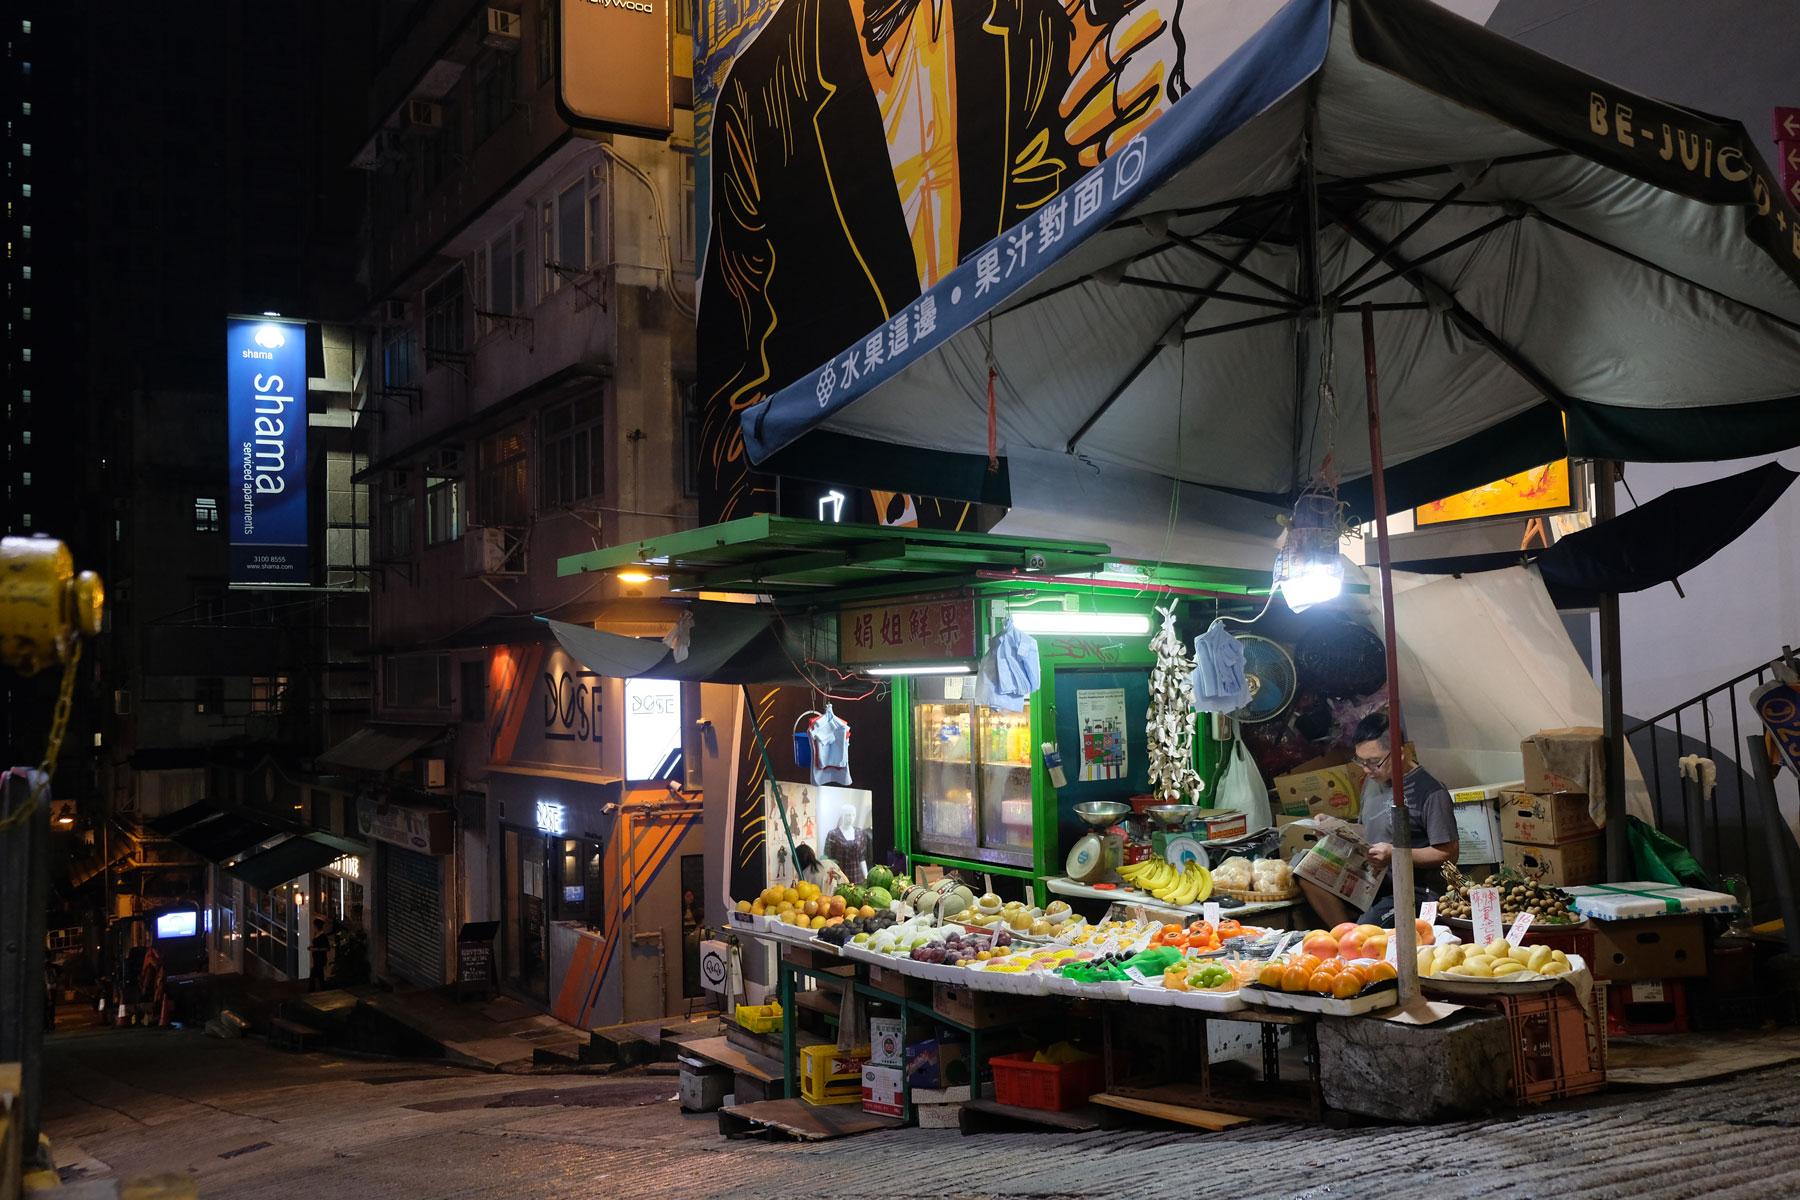 Ein beleuchteter Stand auf der Straße verkauft in der Dunkelheit Obst und Gemüse in Hongkong.